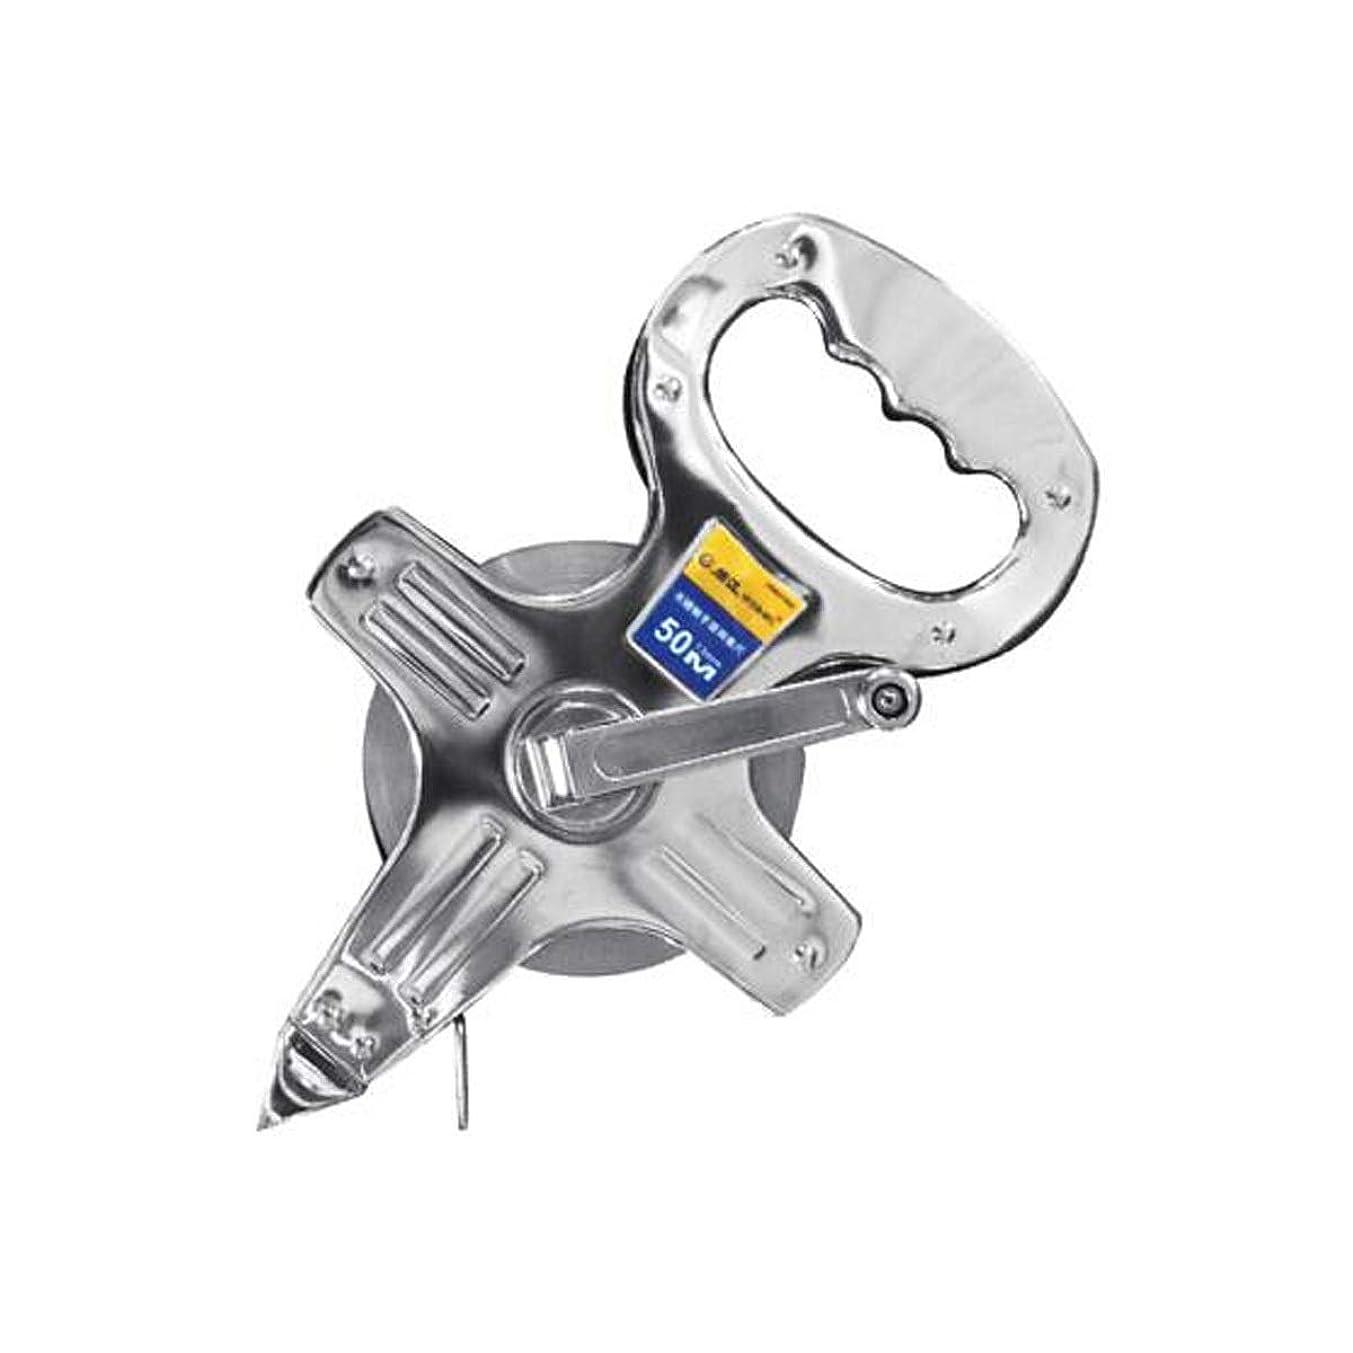 くまかすれたポスト印象派8HAOWENJU 定規、携帯用スチールテープメジャーステンレス鋼メッキテープメジャー工事現場30/50 / 100m (Color : Silver, Size : 100m)